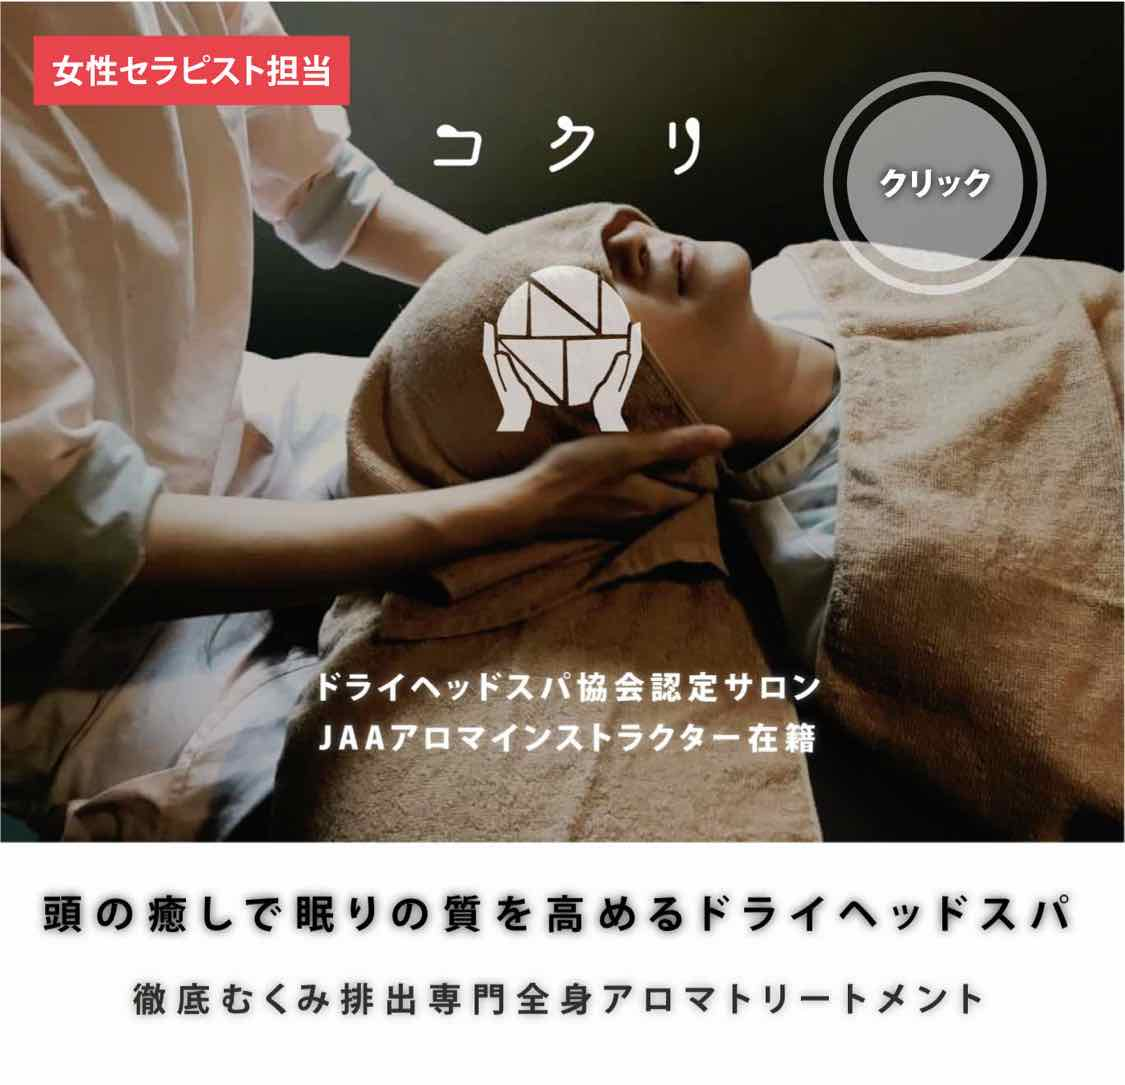 仙台市太白区のドライヘッドスパ|自律神経からくる不調や脳疲労にはドライヘッドスパのコクリ